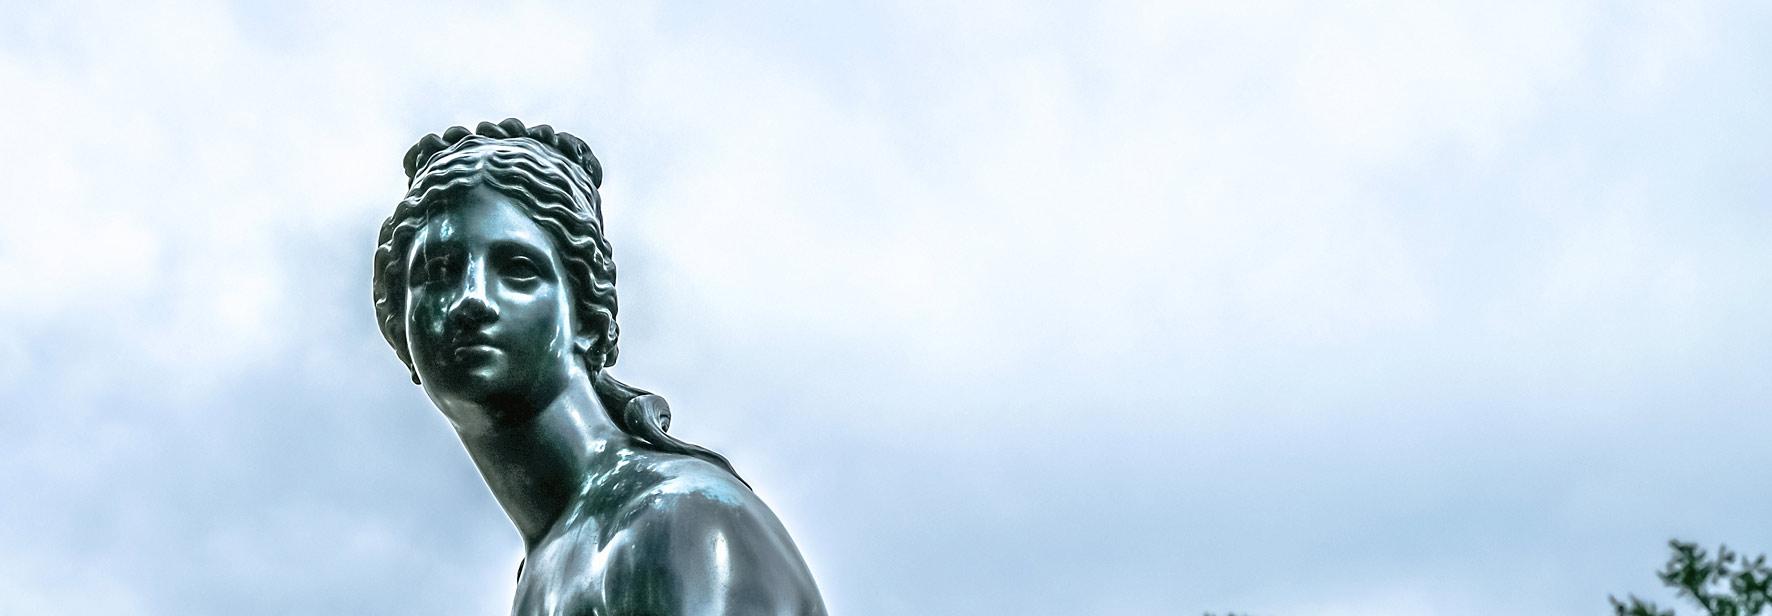 Голова статуи Венеры, Царское Село